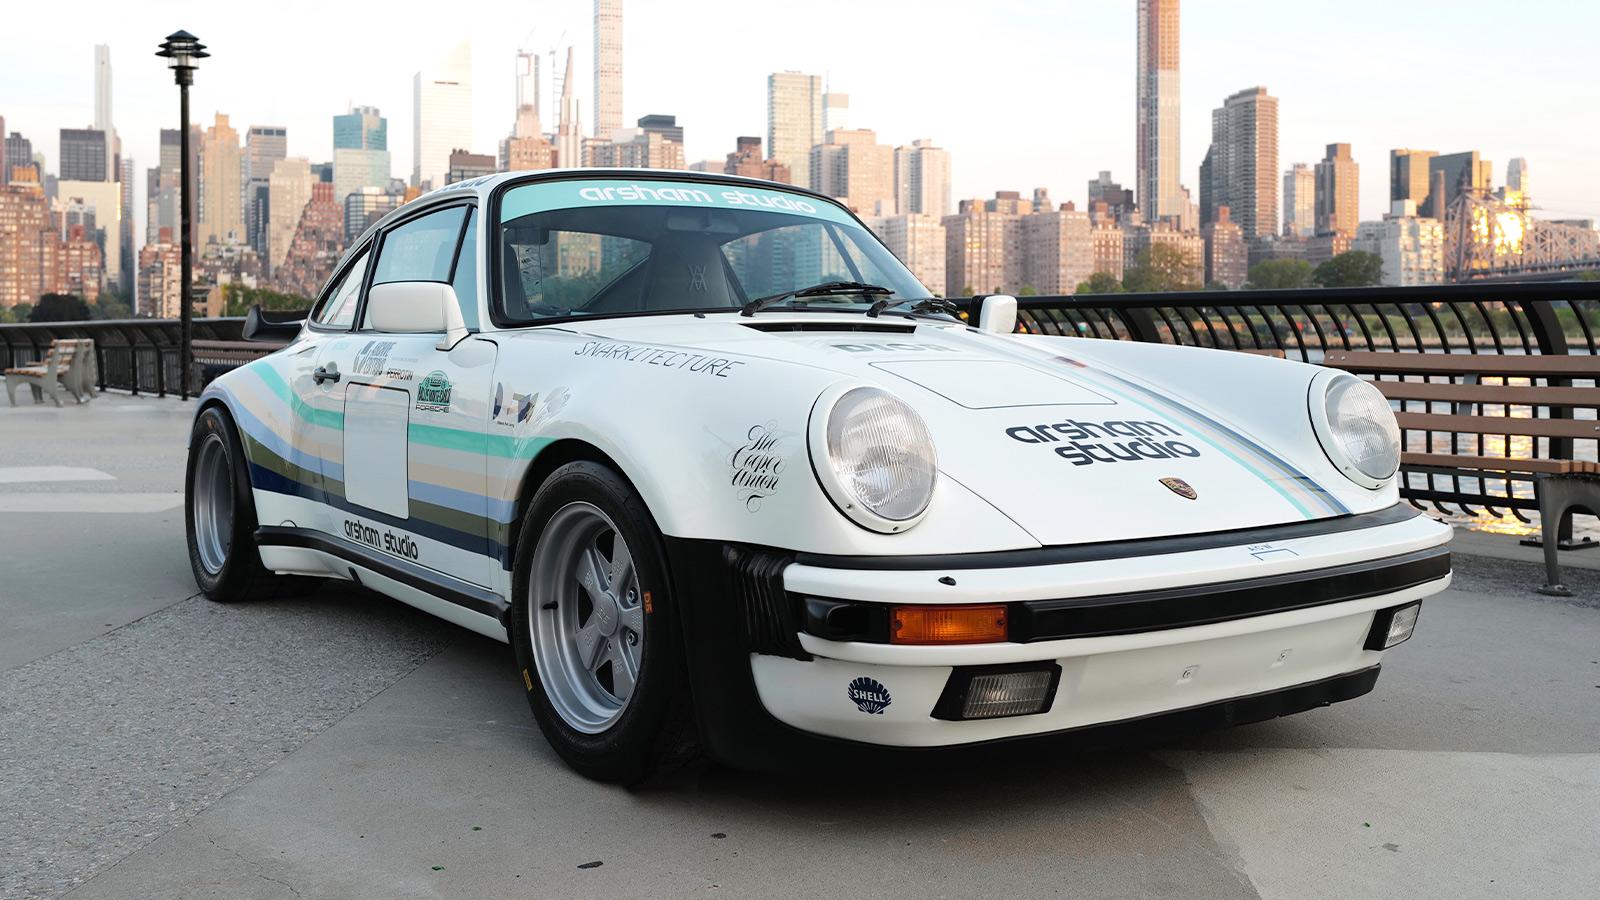 Arsham Porsche 911 Turbo 930A